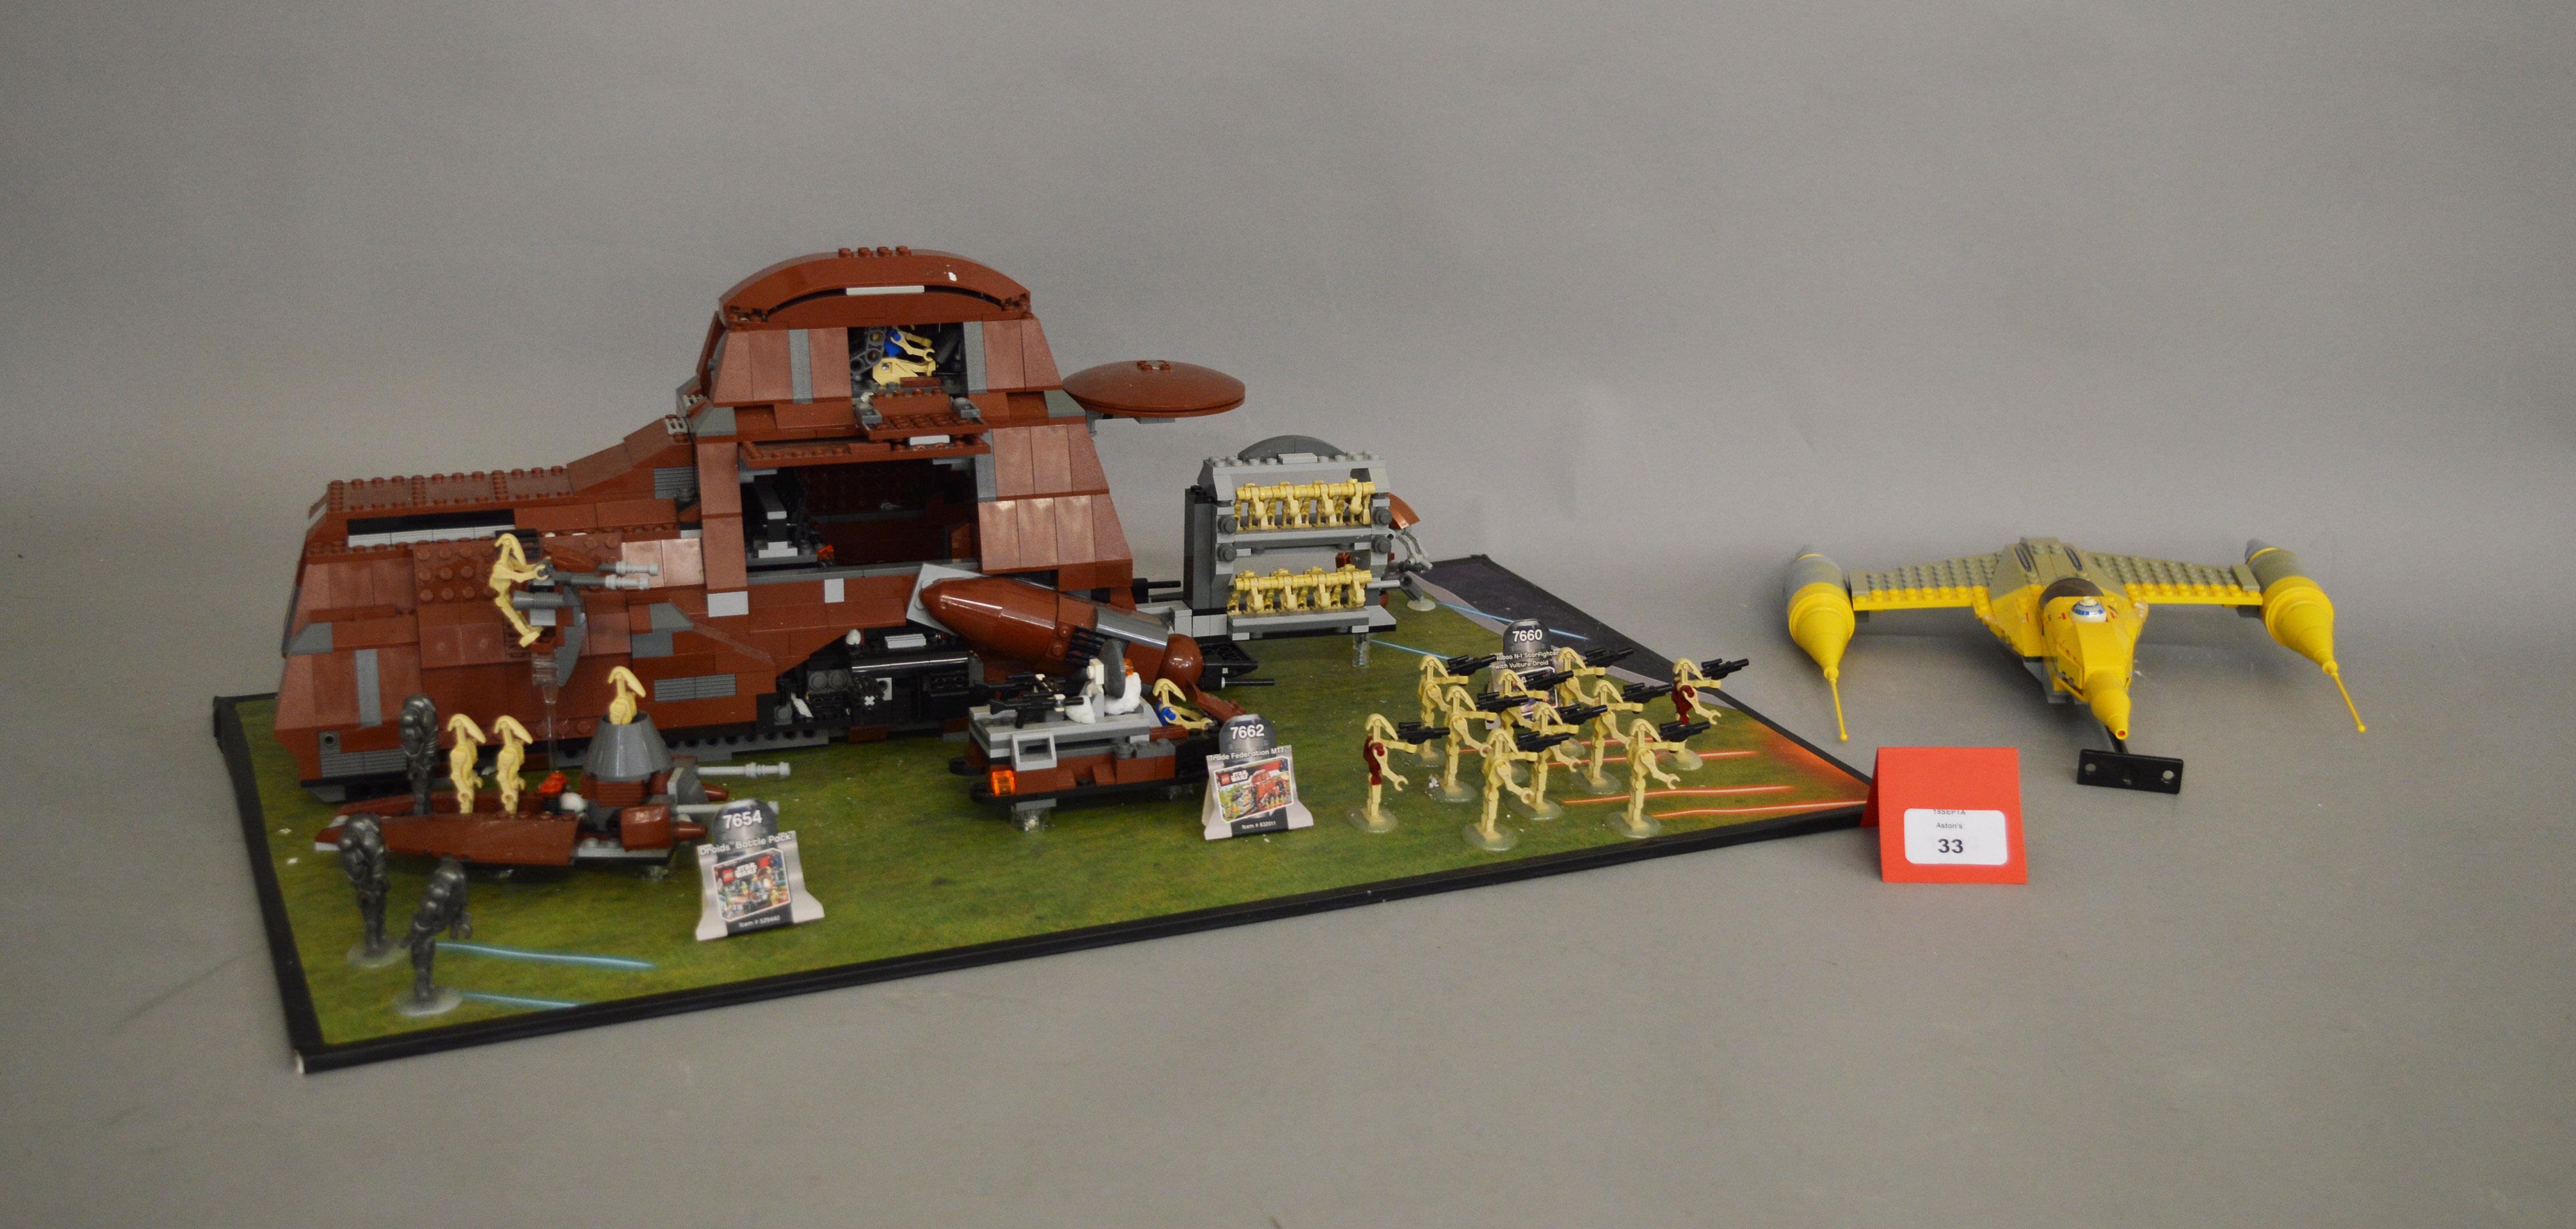 Lot 33 - Three Lego Star Wars sets,